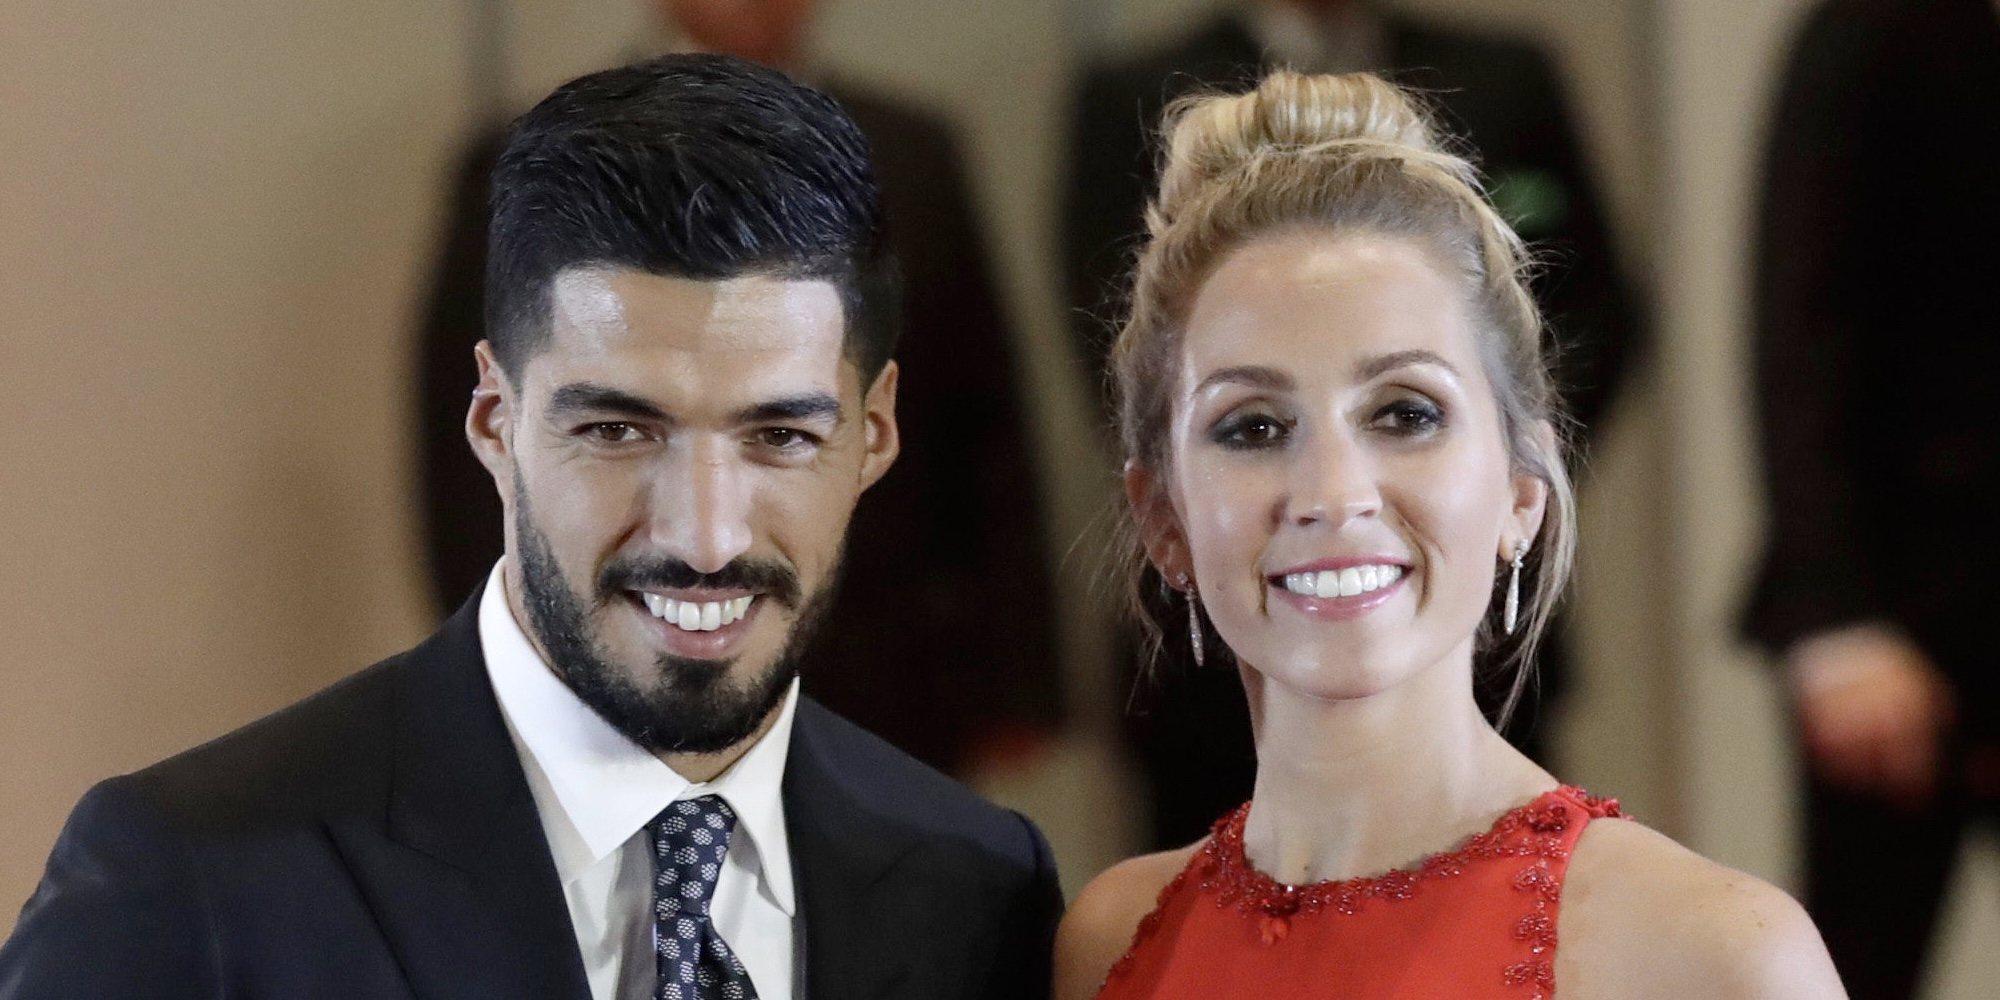 La gran fiesta con la que Luis Suárez y Sofía Balbi han renovado sus votos matrimoniales